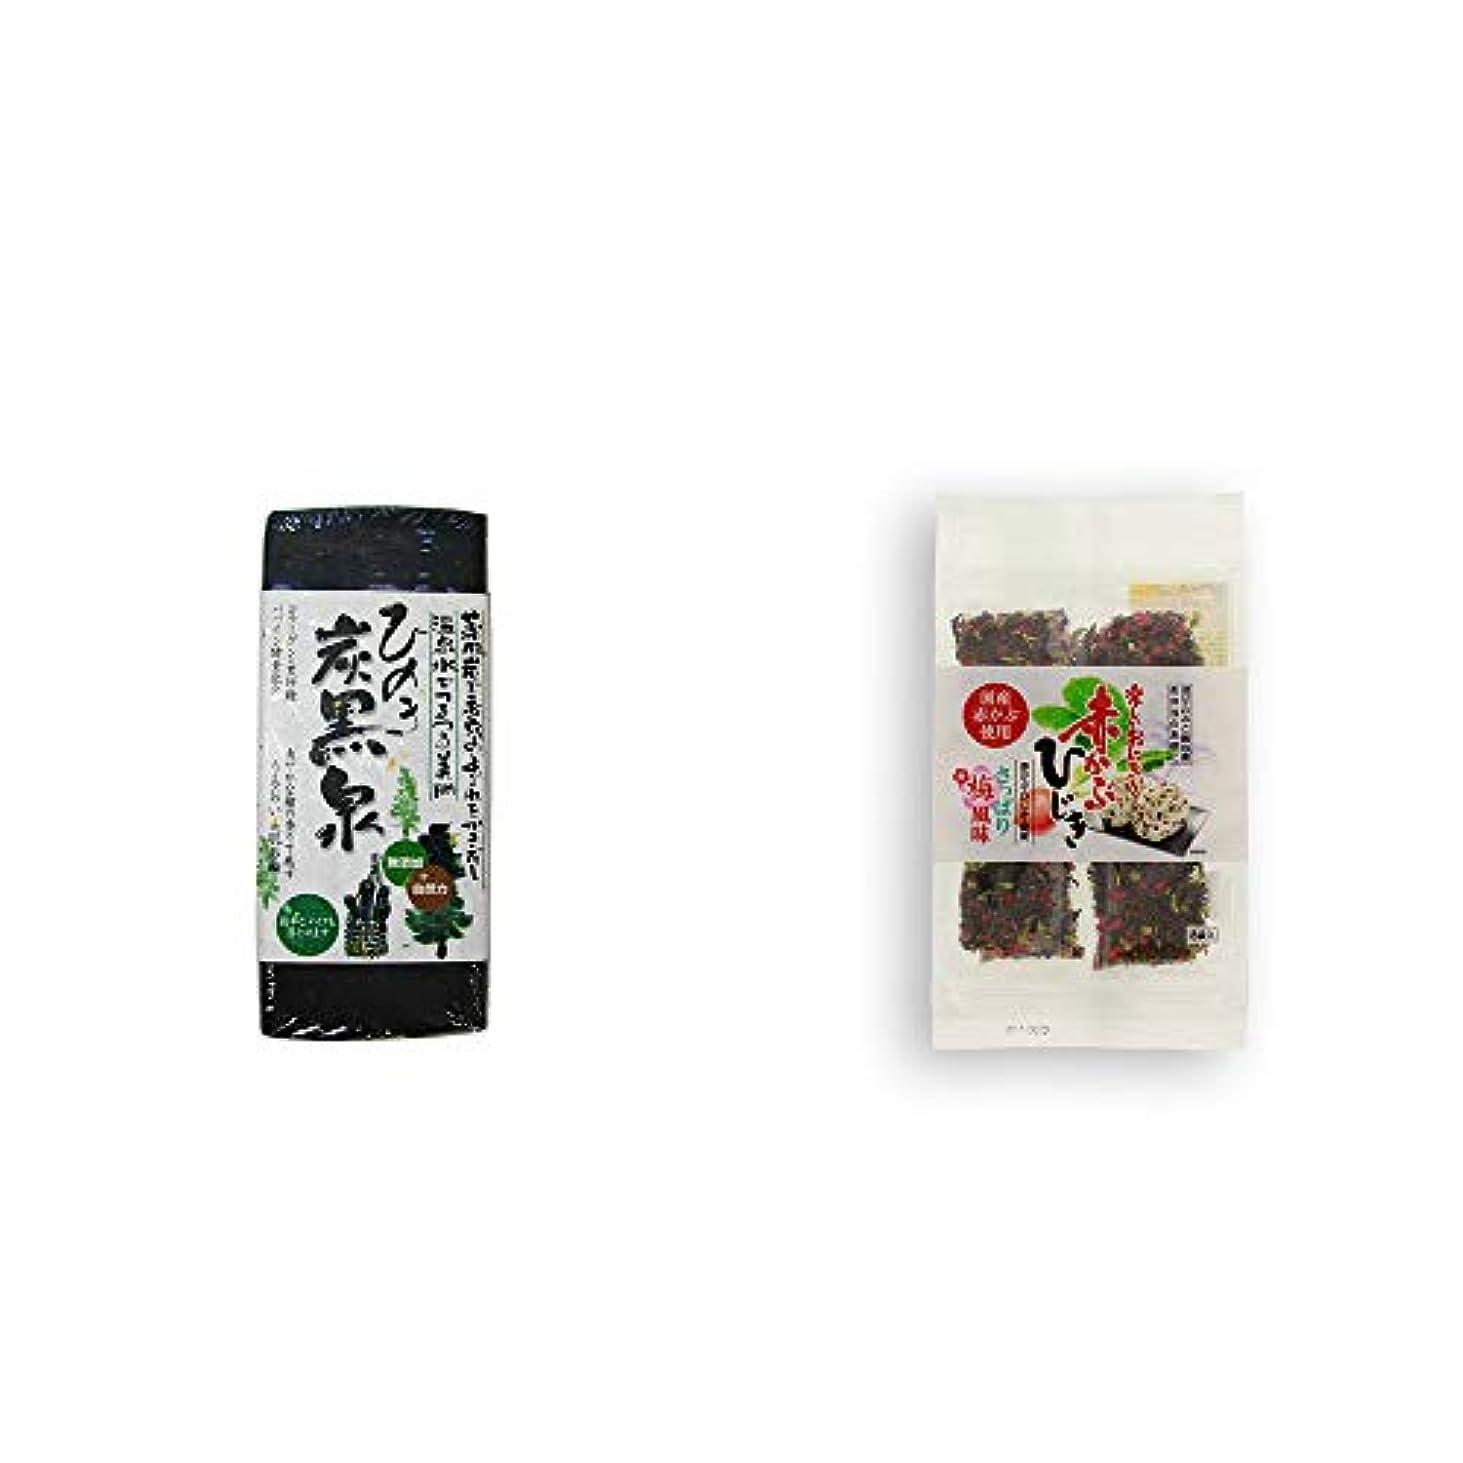 音楽家ハングシエスタ[2点セット] ひのき炭黒泉(75g×2)?楽しいおにぎり 赤かぶひじき(8g×8袋)